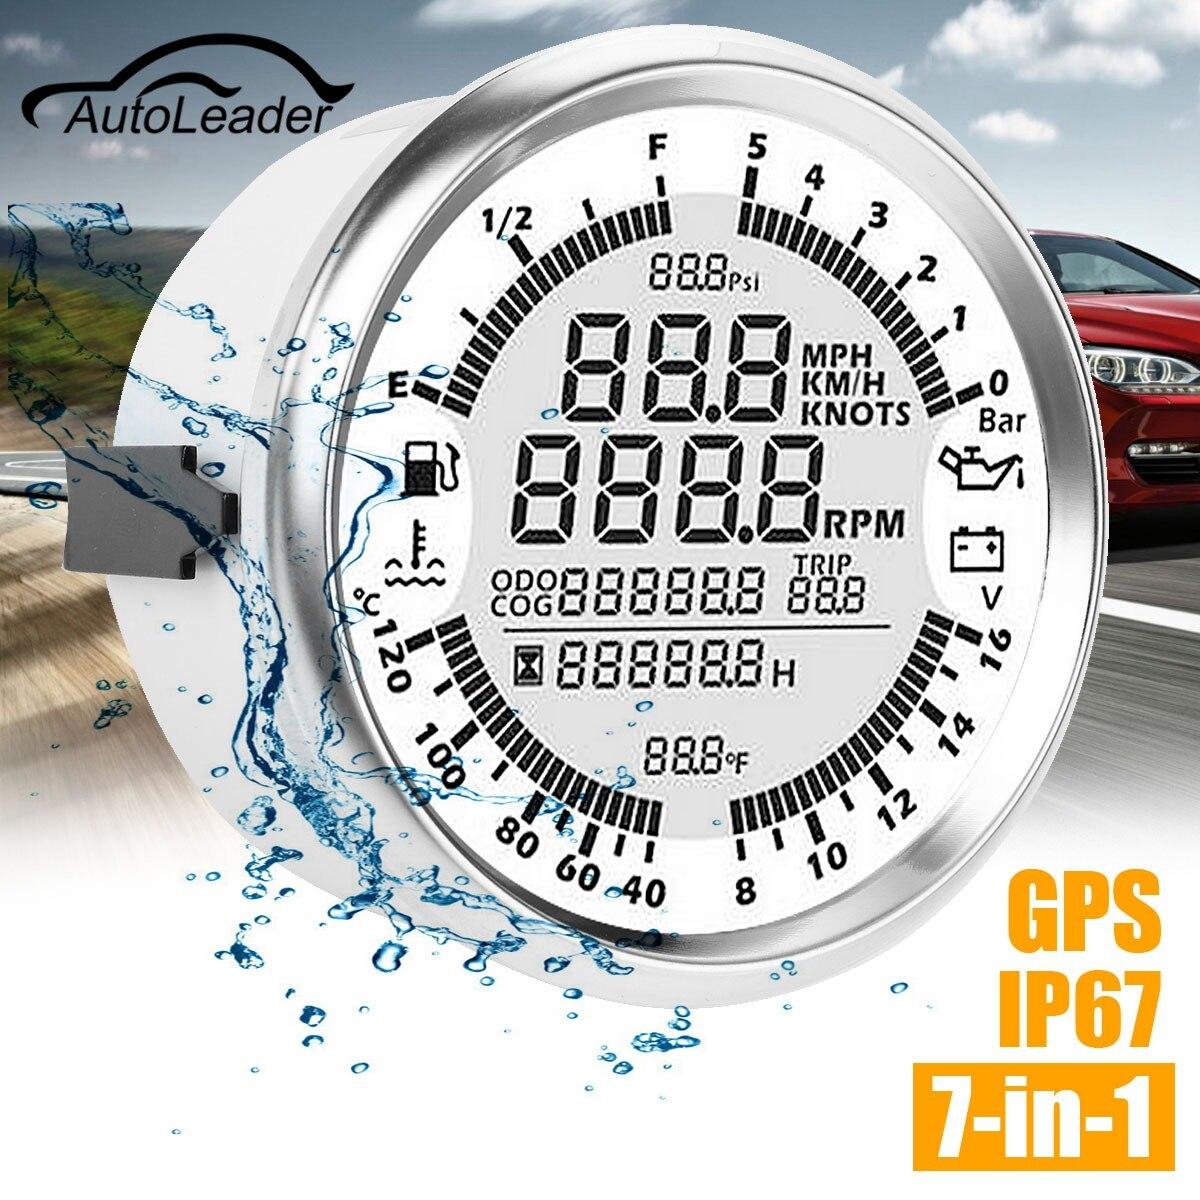 Autoleader 85mm GPS Velocímetro Tacômetro Medidor De Pressão De Óleo Medidor De Combustível Barco da Velocidade Do Carro DIY